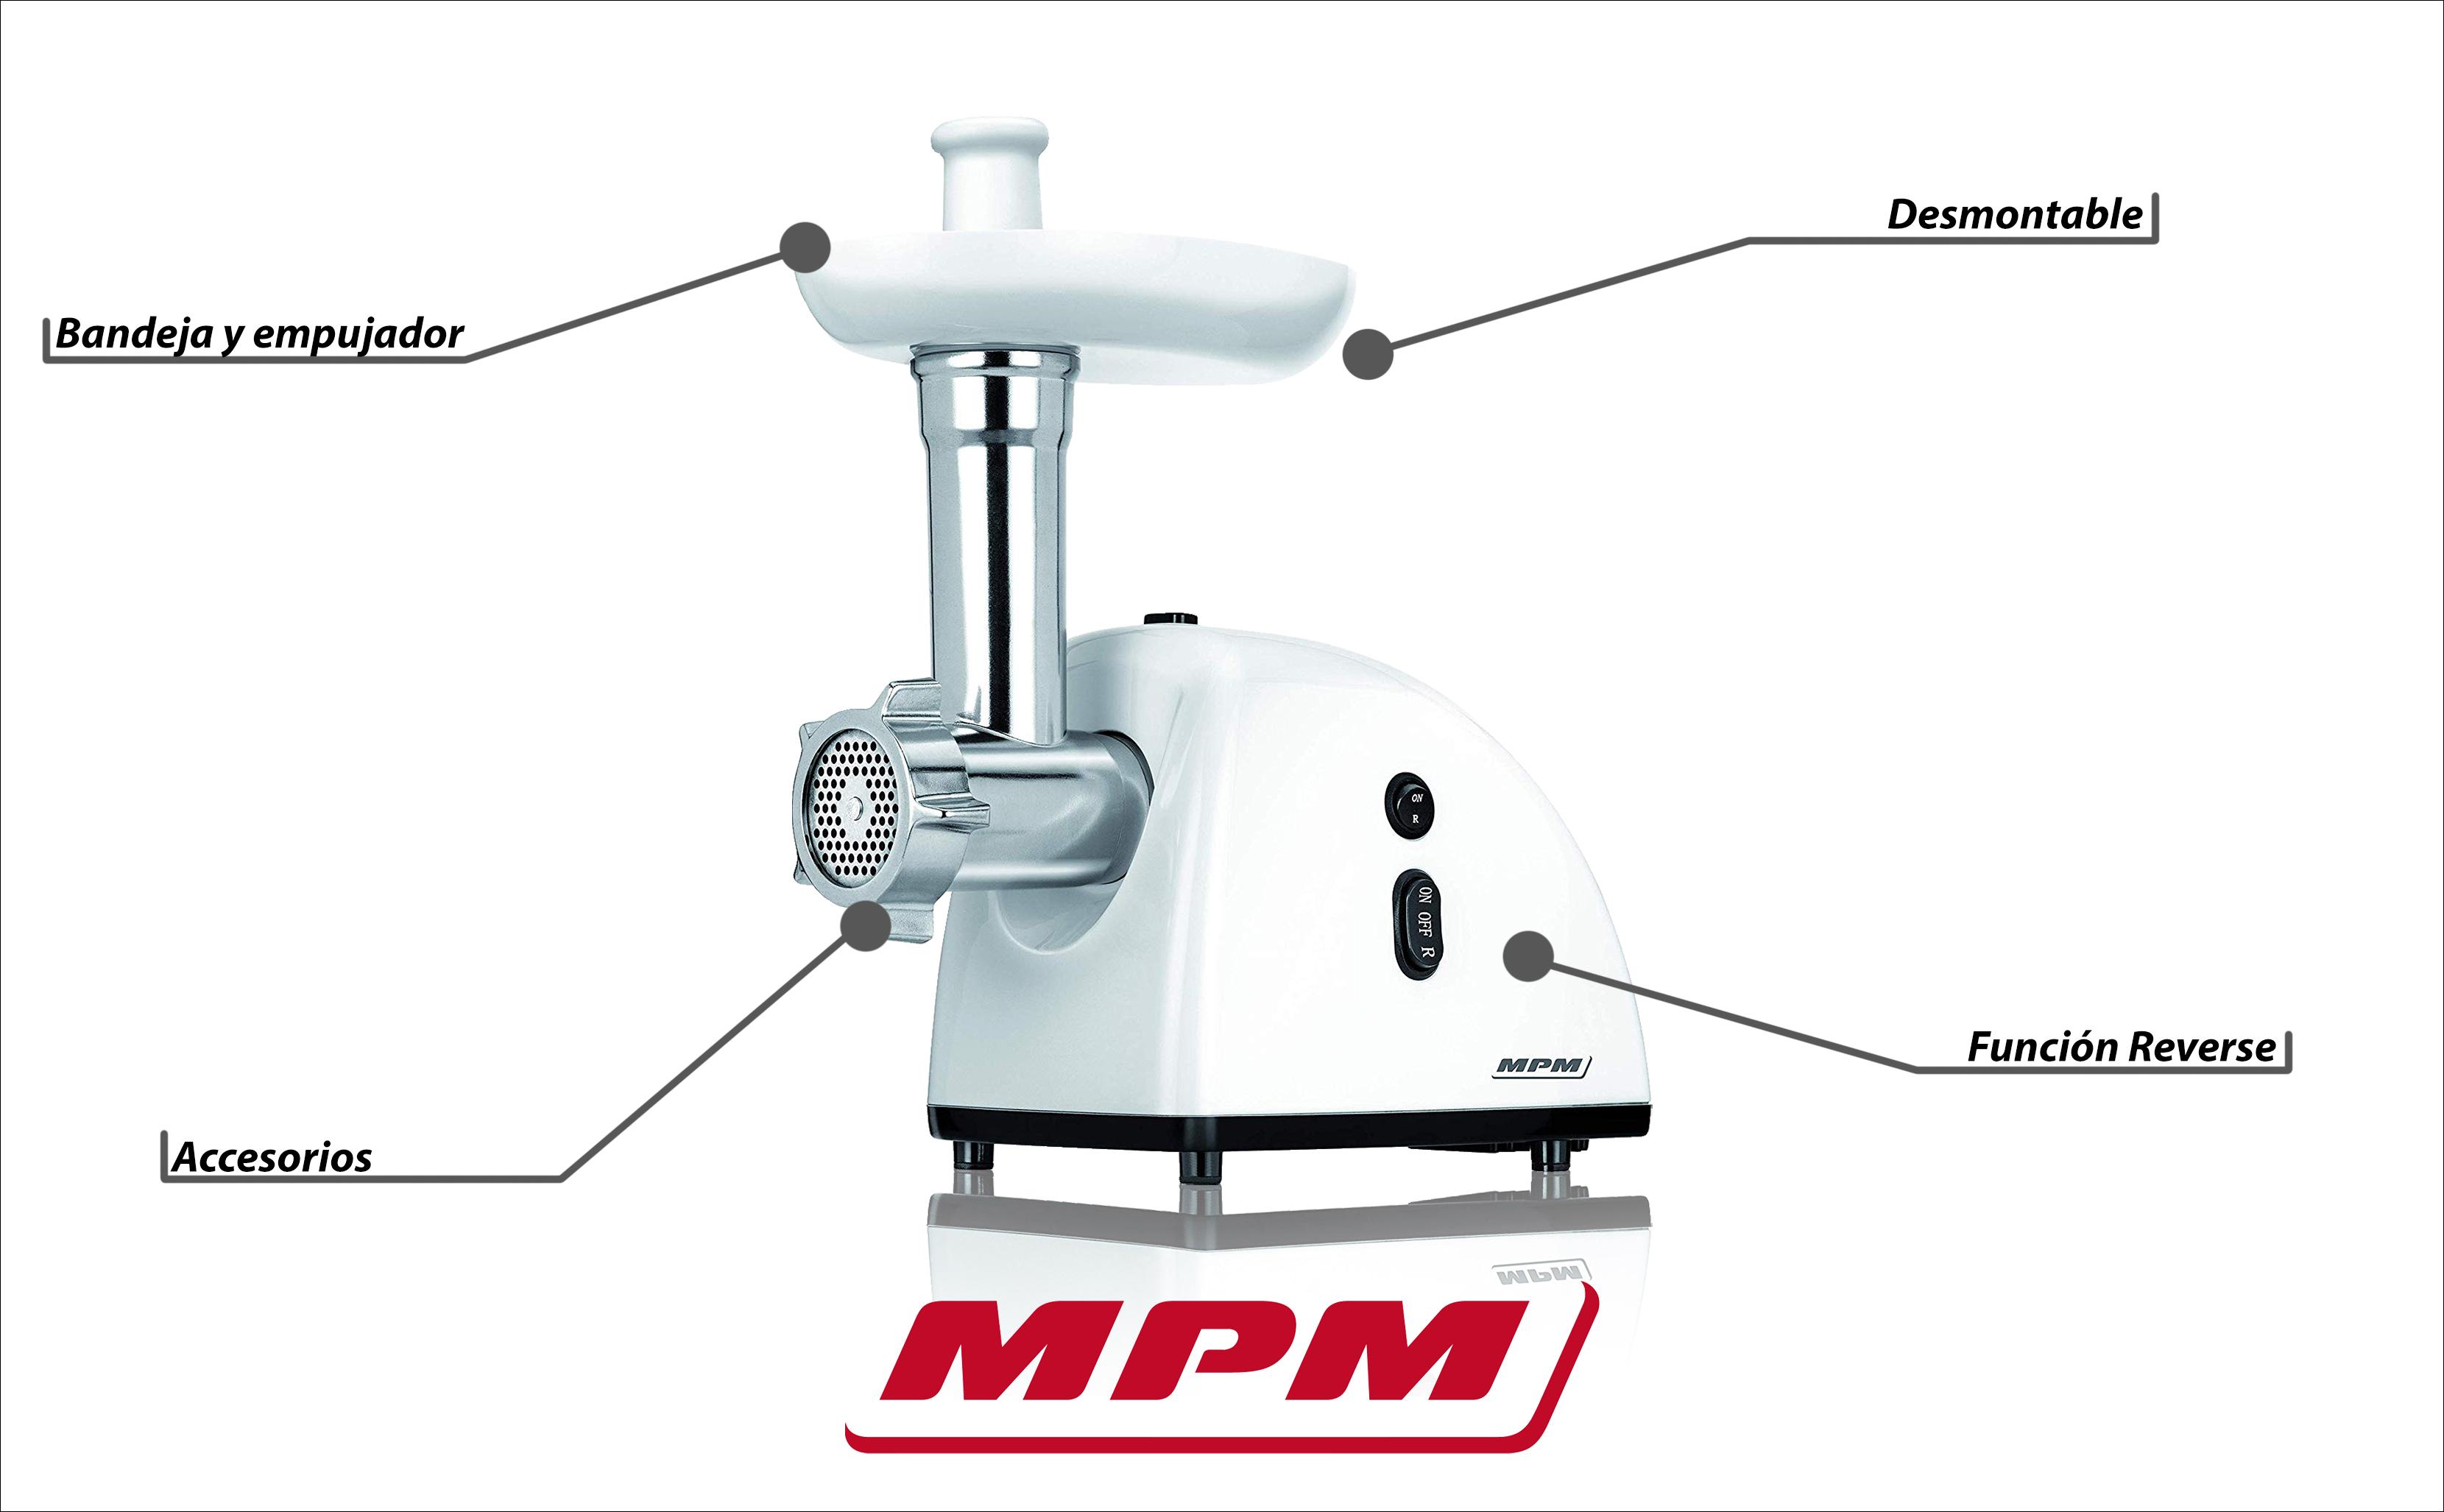 MPM MMM-06 Picadora de Carne eléctrica con embutidora de salchichas 3 discos de corte, engranaje metálico, función inversa, Accesorios, 720 W